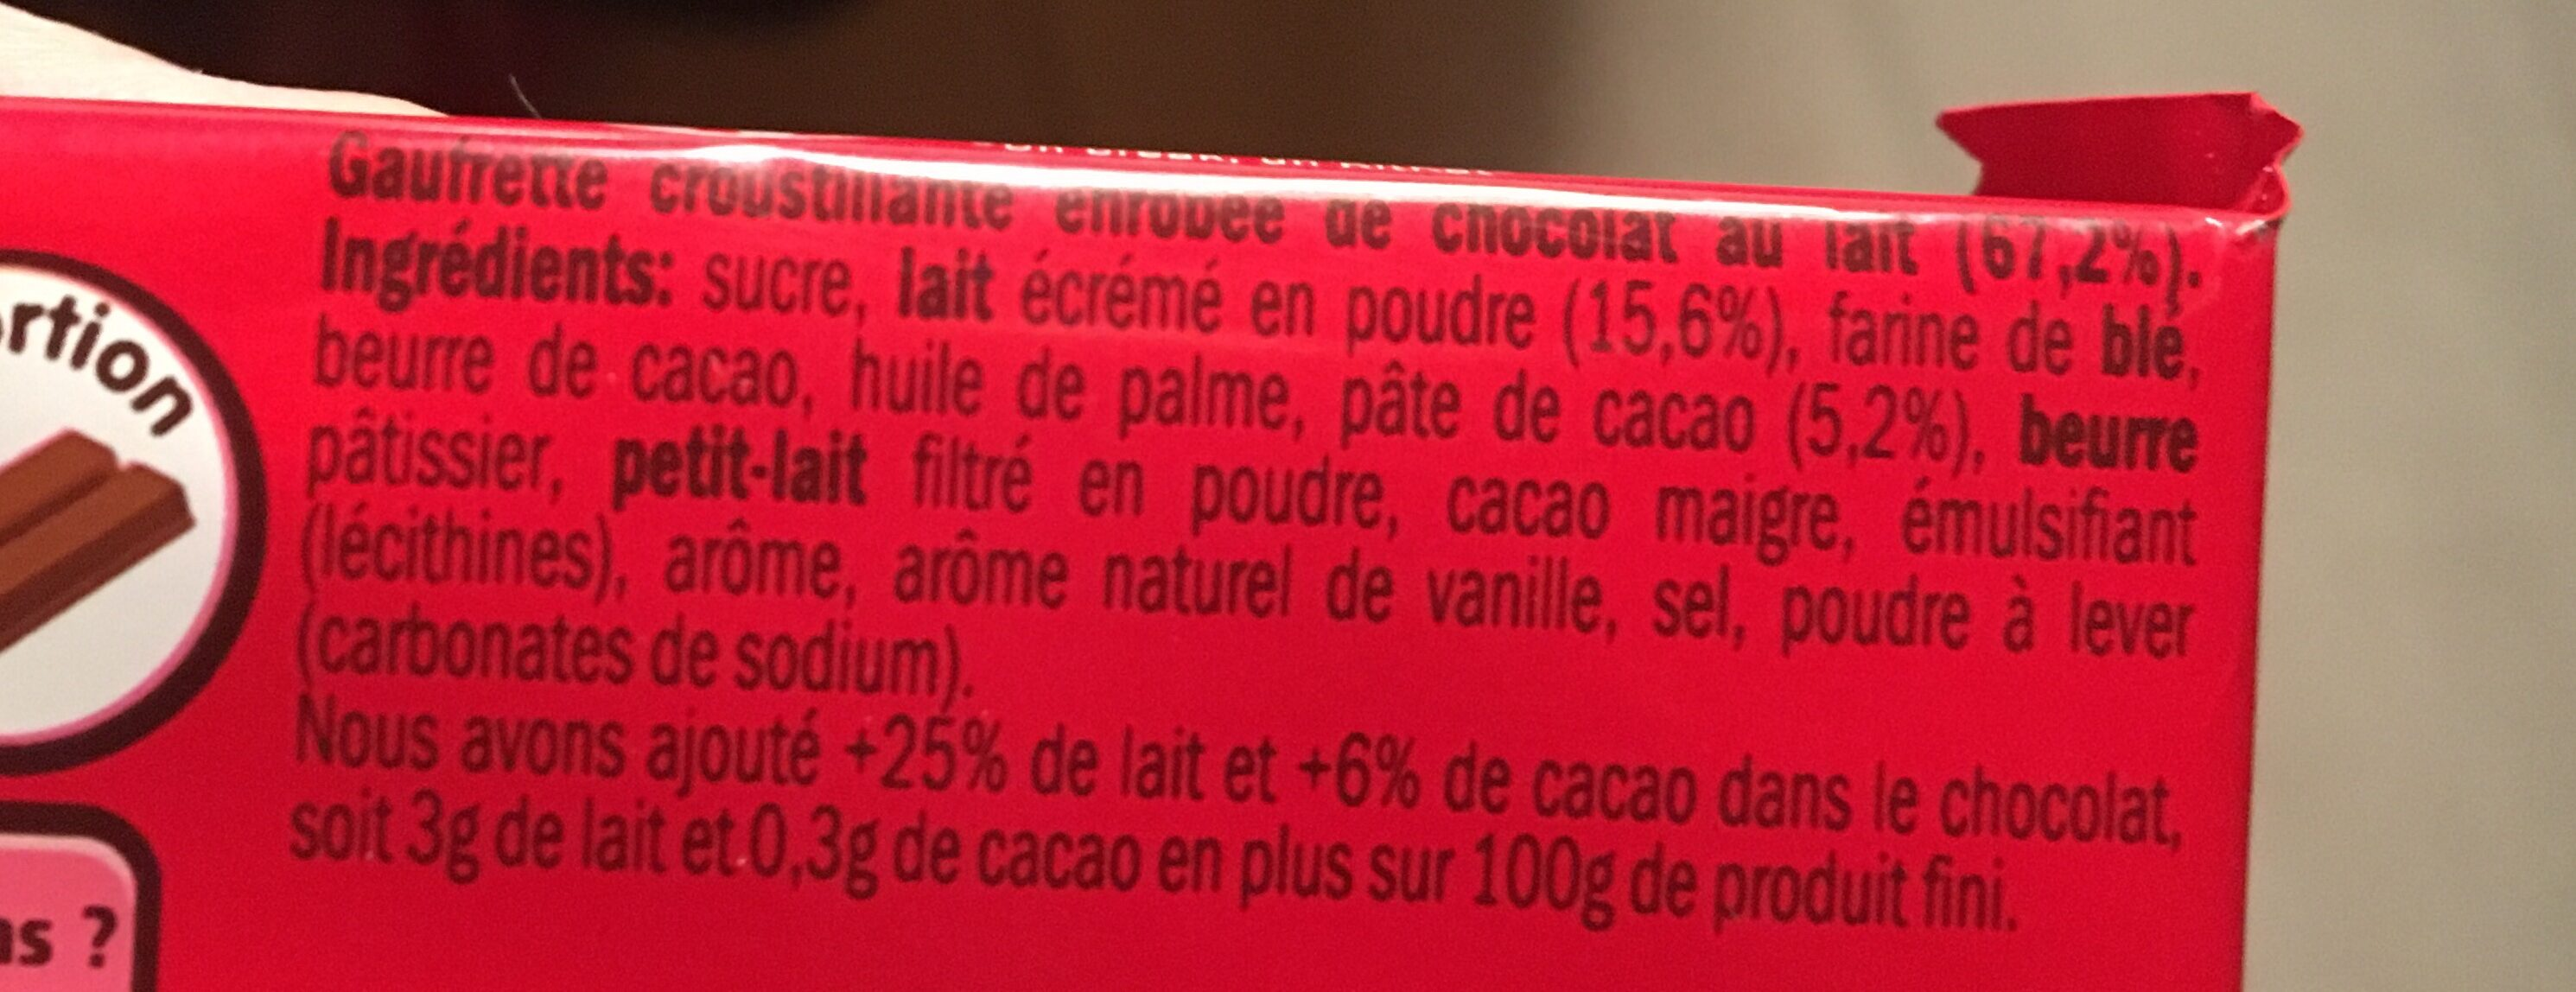 KitKat Barres chocolatées les 20 barres de 41,5 g - Ingrédients